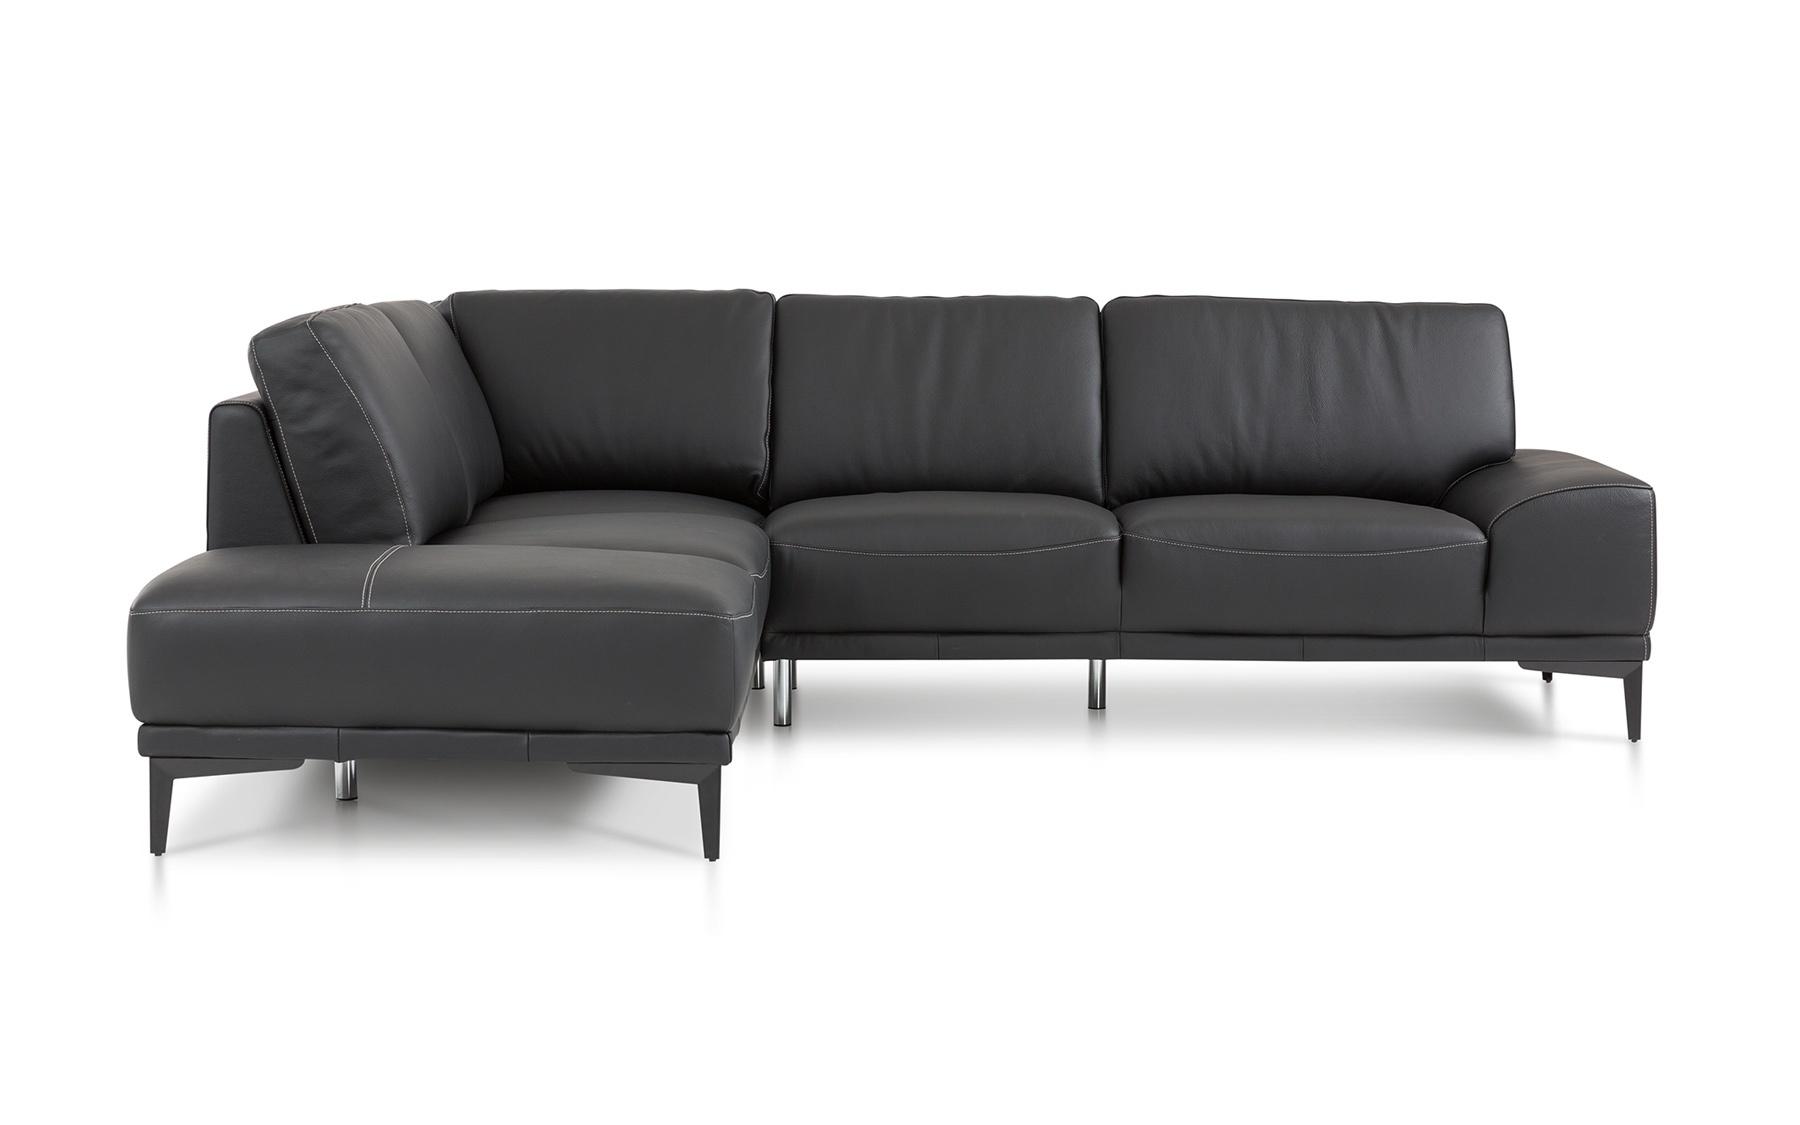 canap composable cuir c911 composables salons la galerie du meuble. Black Bedroom Furniture Sets. Home Design Ideas